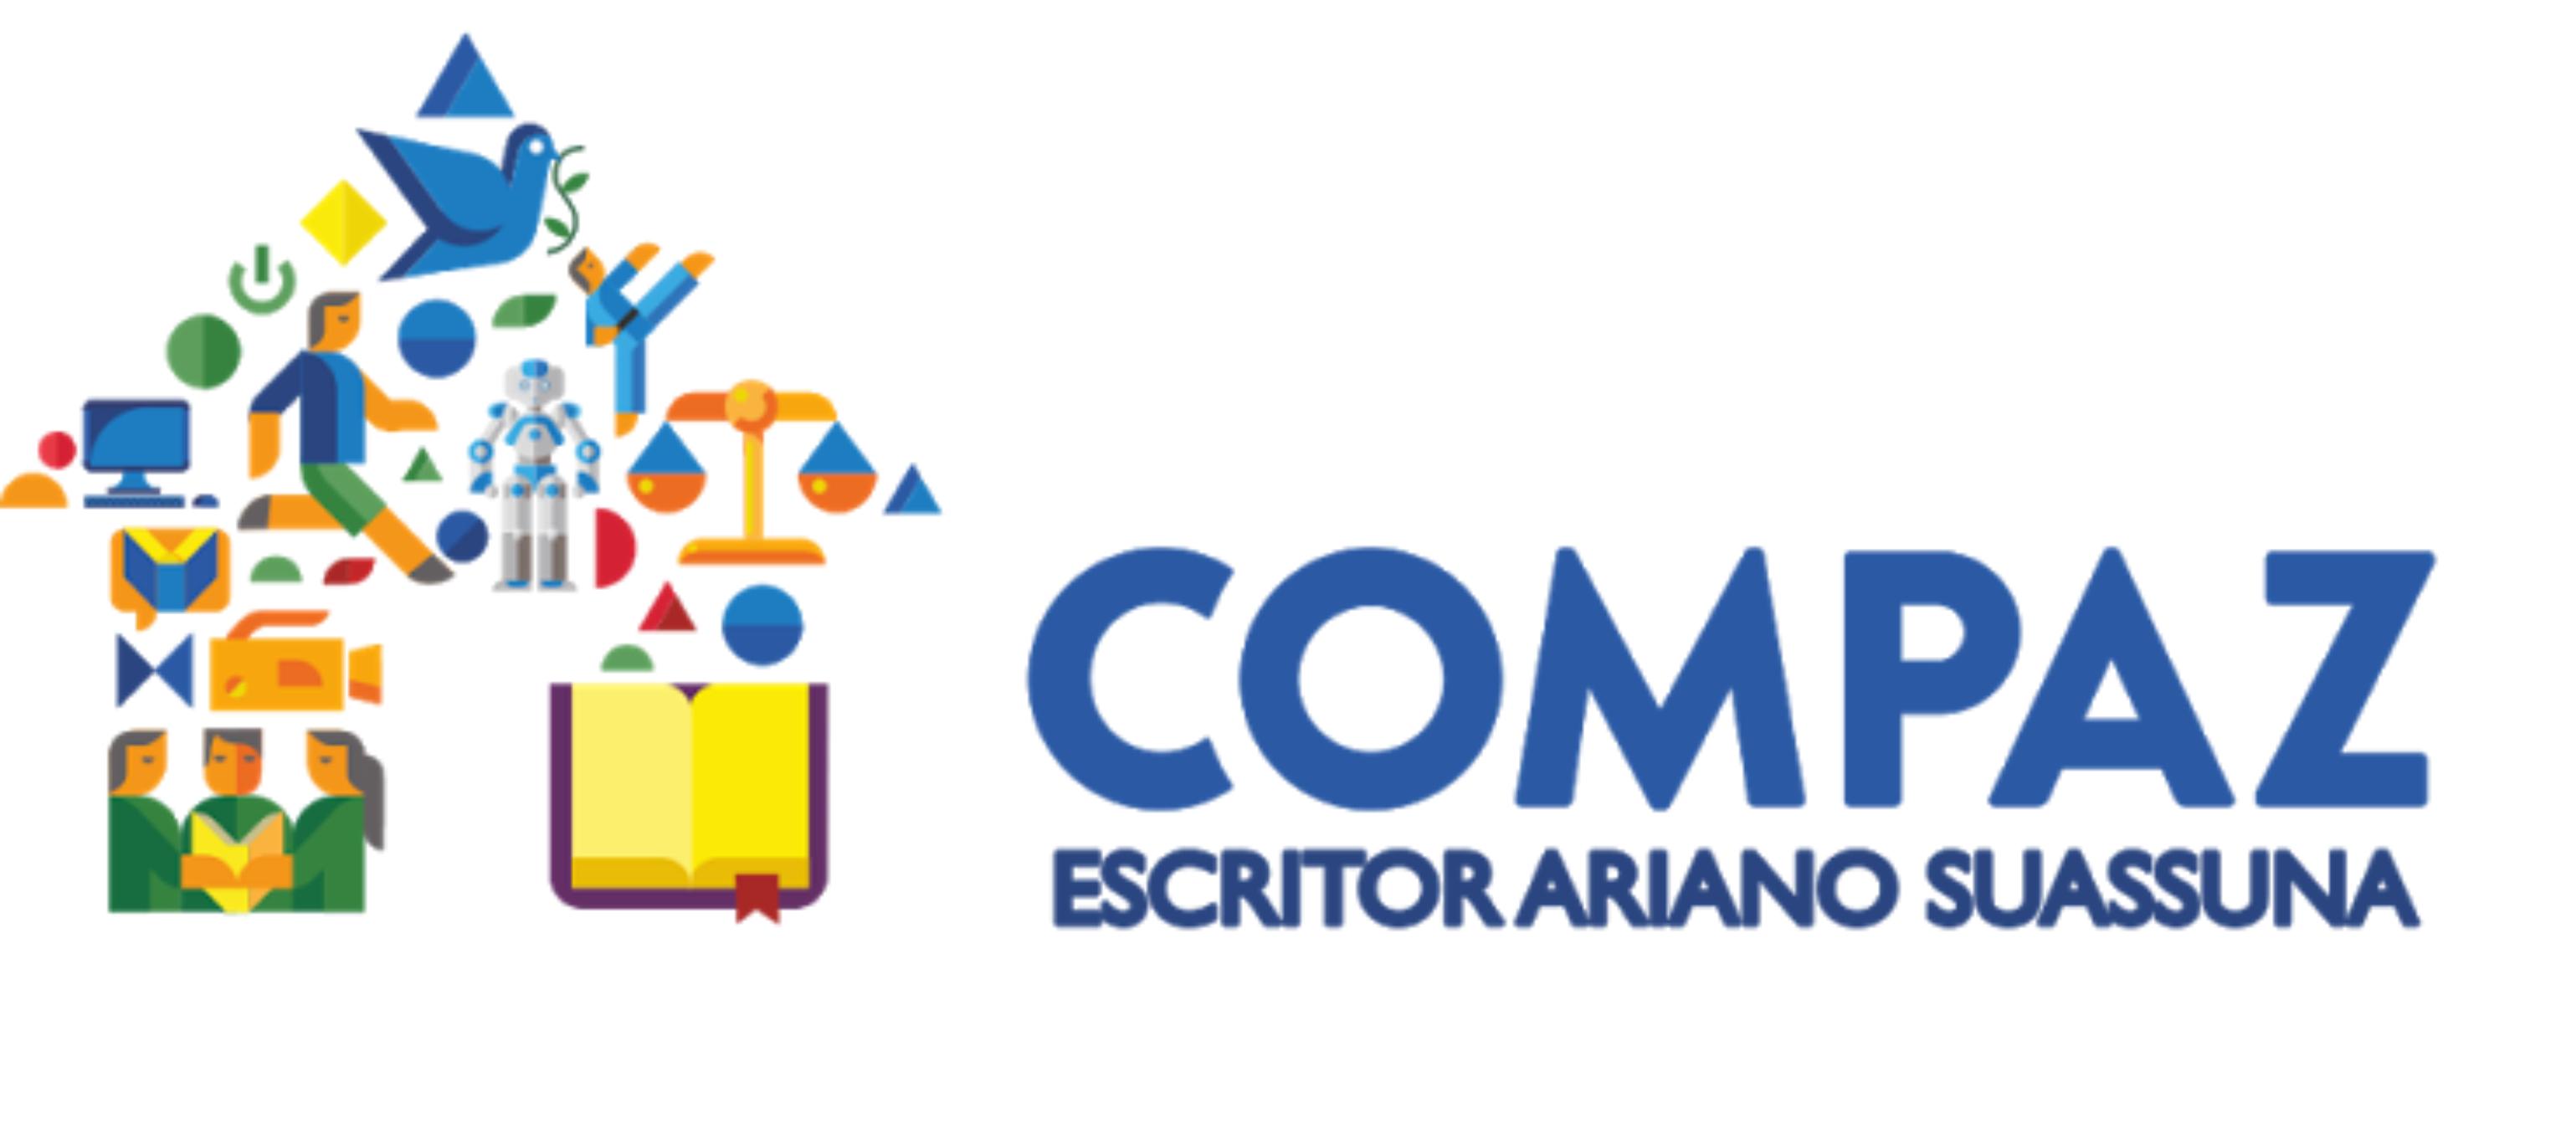 Logotipo COMPAZ